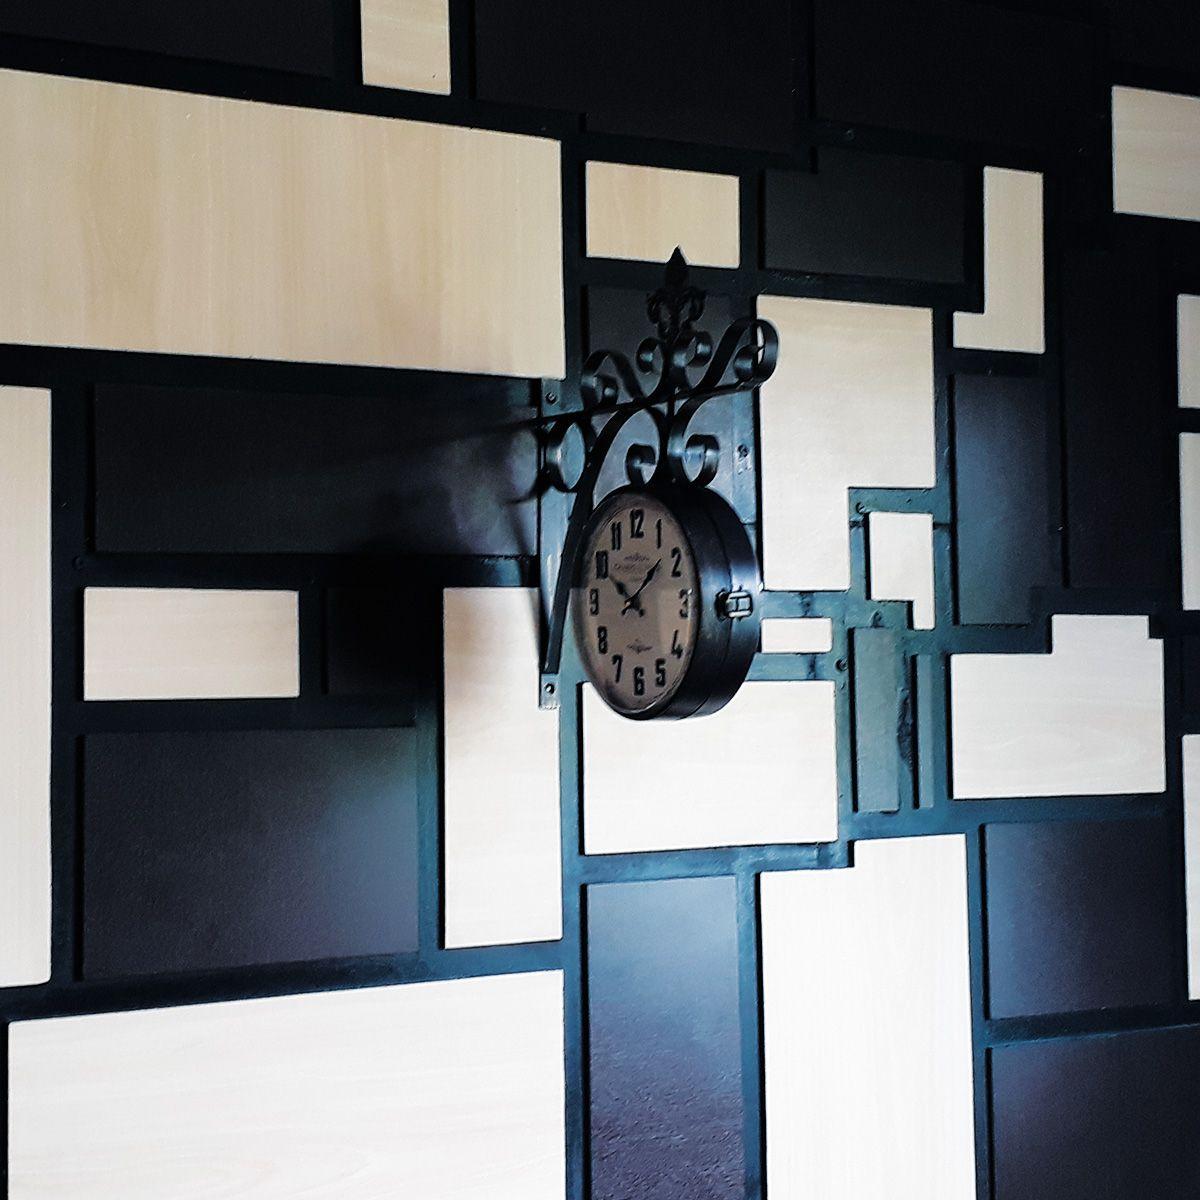 Relógio de parede dupla mod. France - Champs Elysses